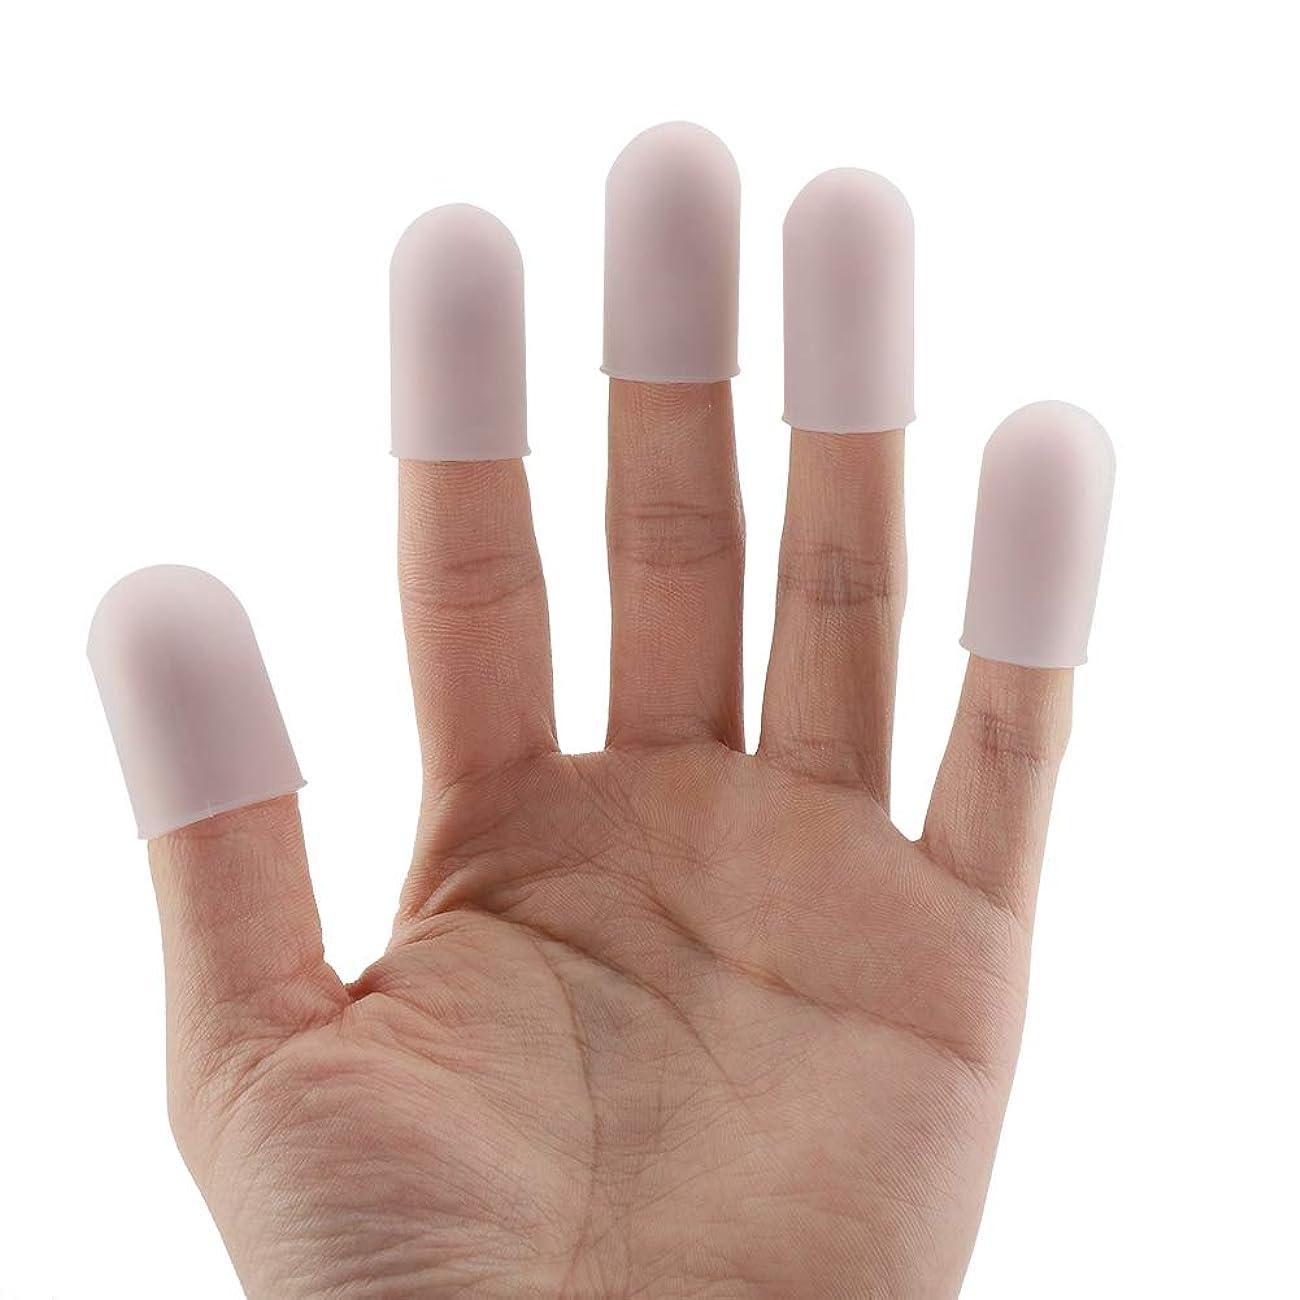 後継バッテリー現実的SoarUp 親指プロテクター 調理用指先カバー 指先カバー 食品用シリコーン製 再使用可能 コンパクト 幅広い用途 5個